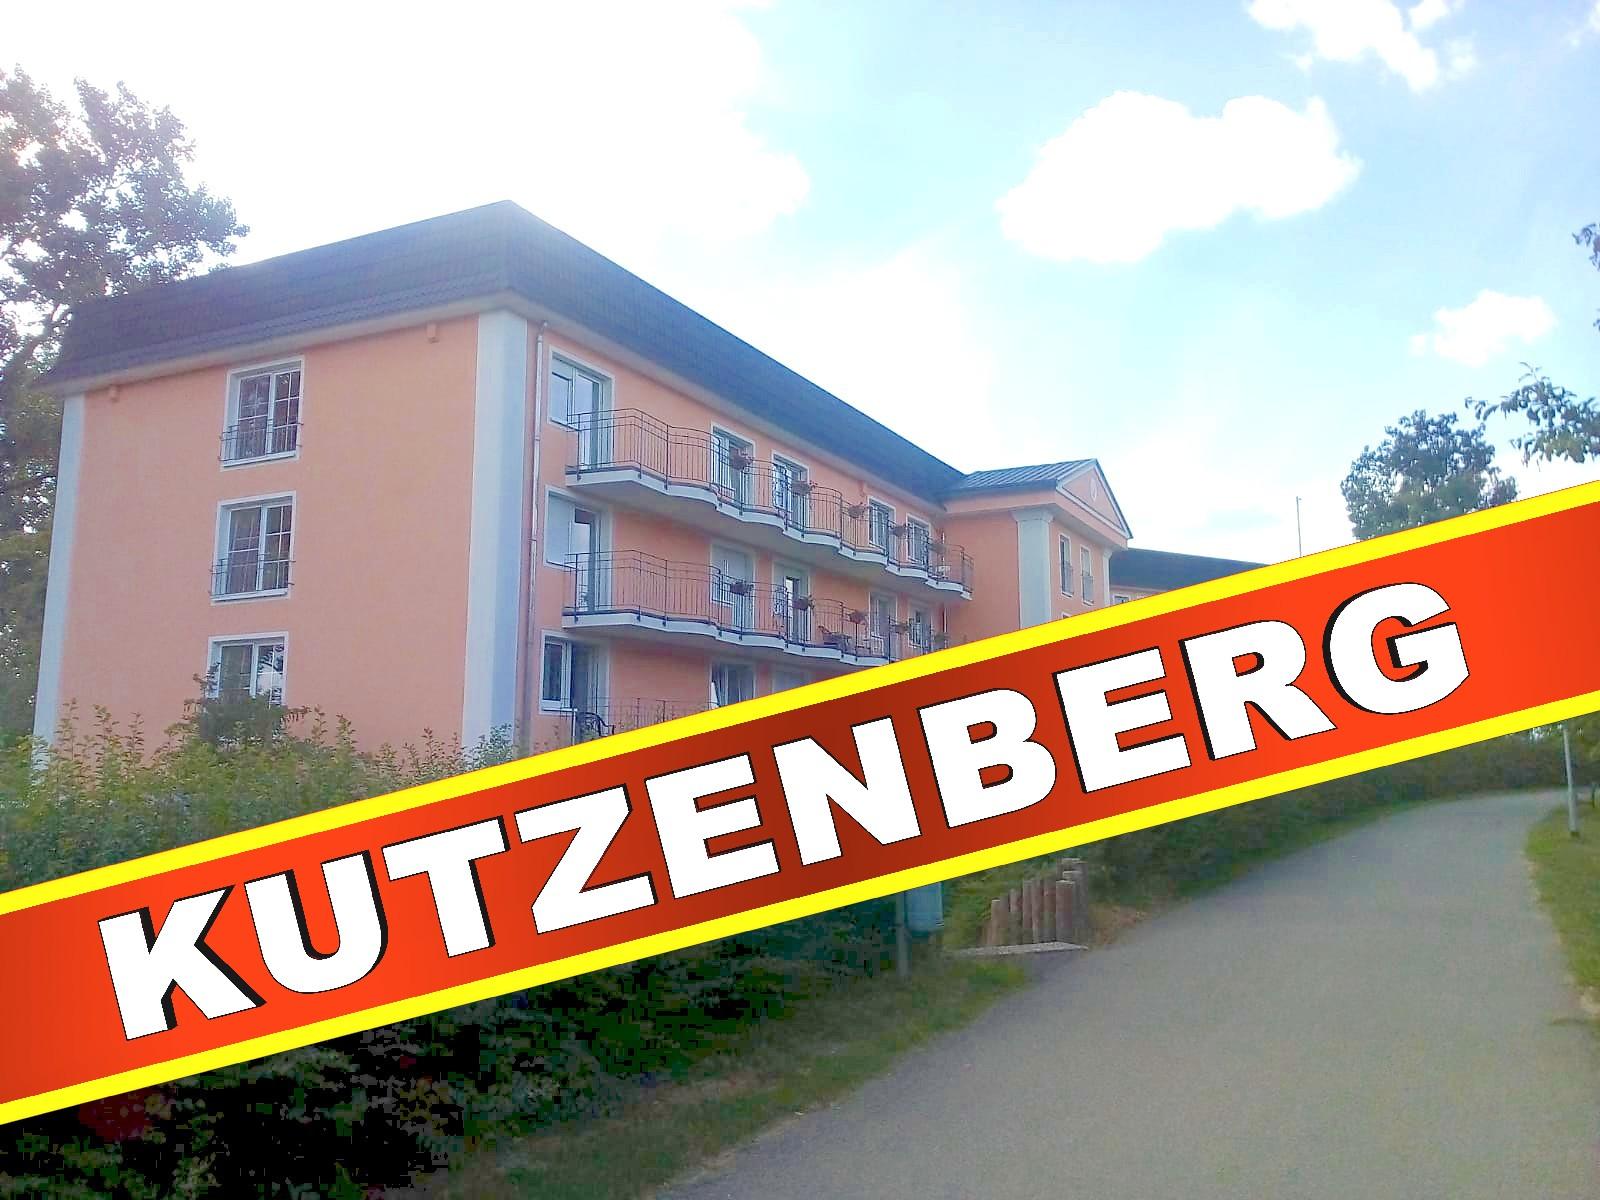 Haus 1 Kutzenberg